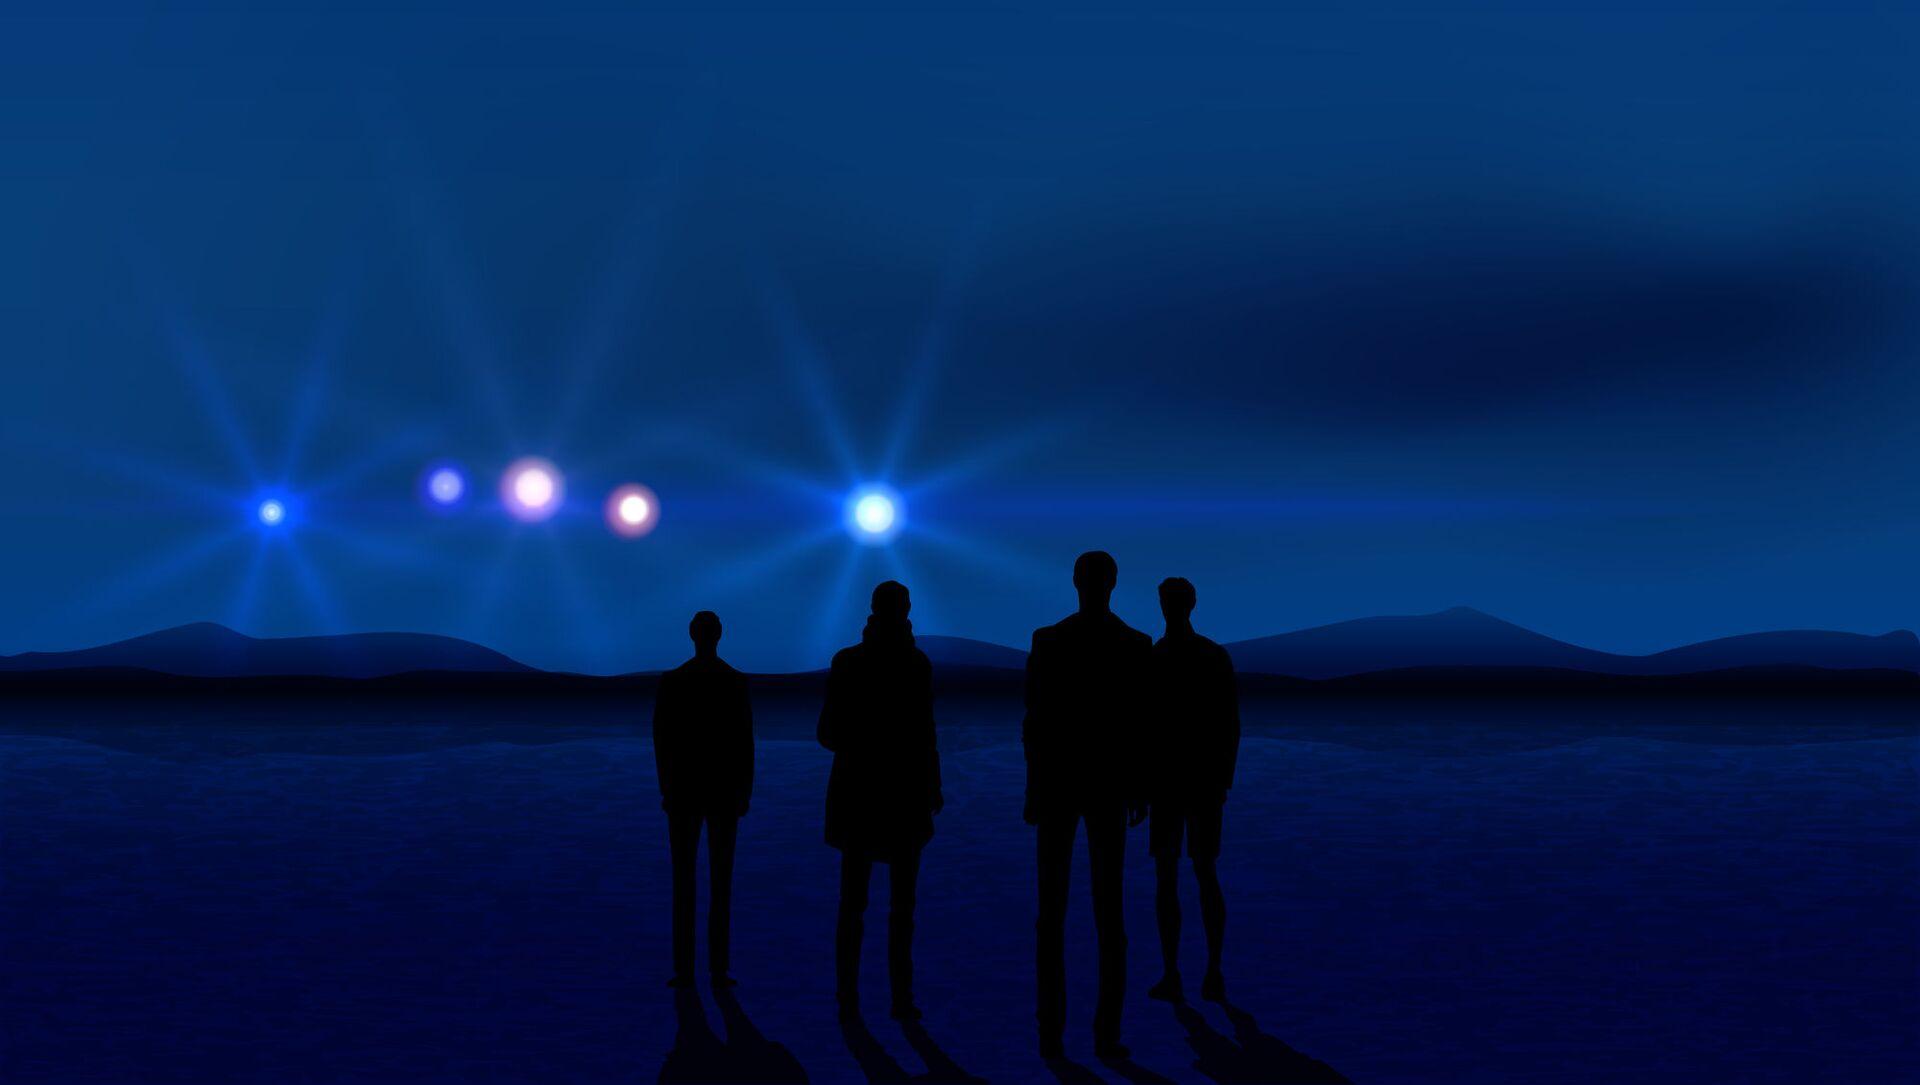 Bóng người và phát sáng trên bầu trời - Sputnik Việt Nam, 1920, 31.05.2021